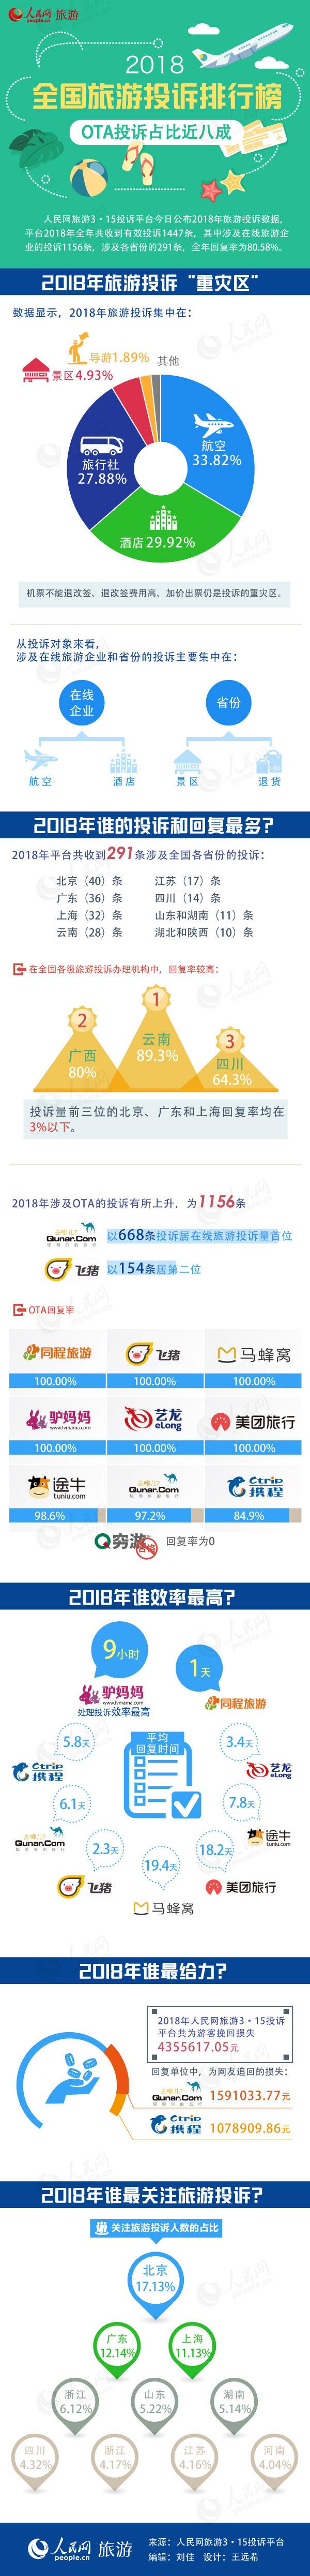 2018天下旅游赞扬排行榜出炉 OTA赞扬占比近八成